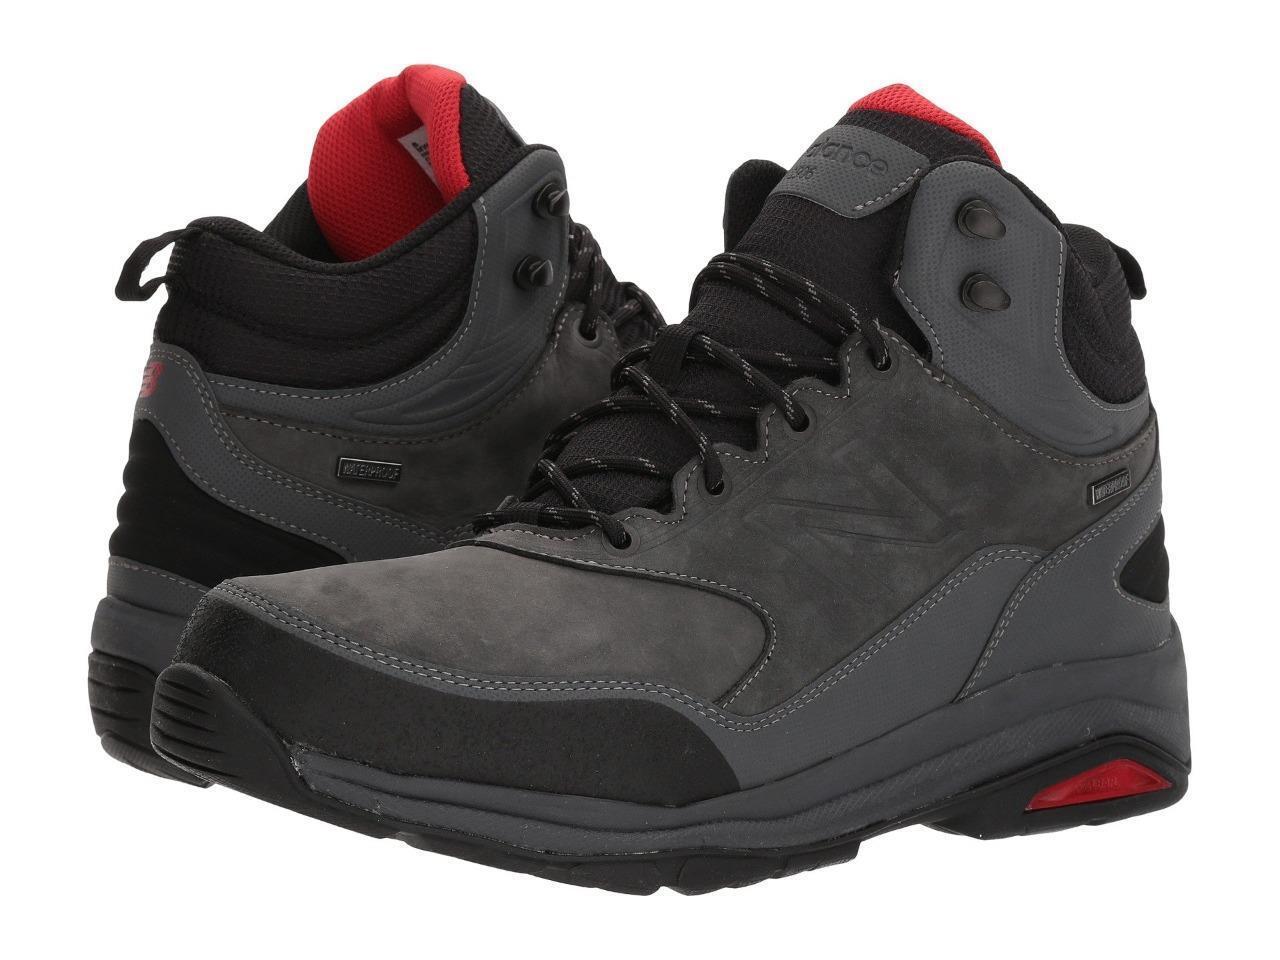 botas Impermeables De Caminar New Balance 1400 Zapatos MW1400GR para hombres e de ancho